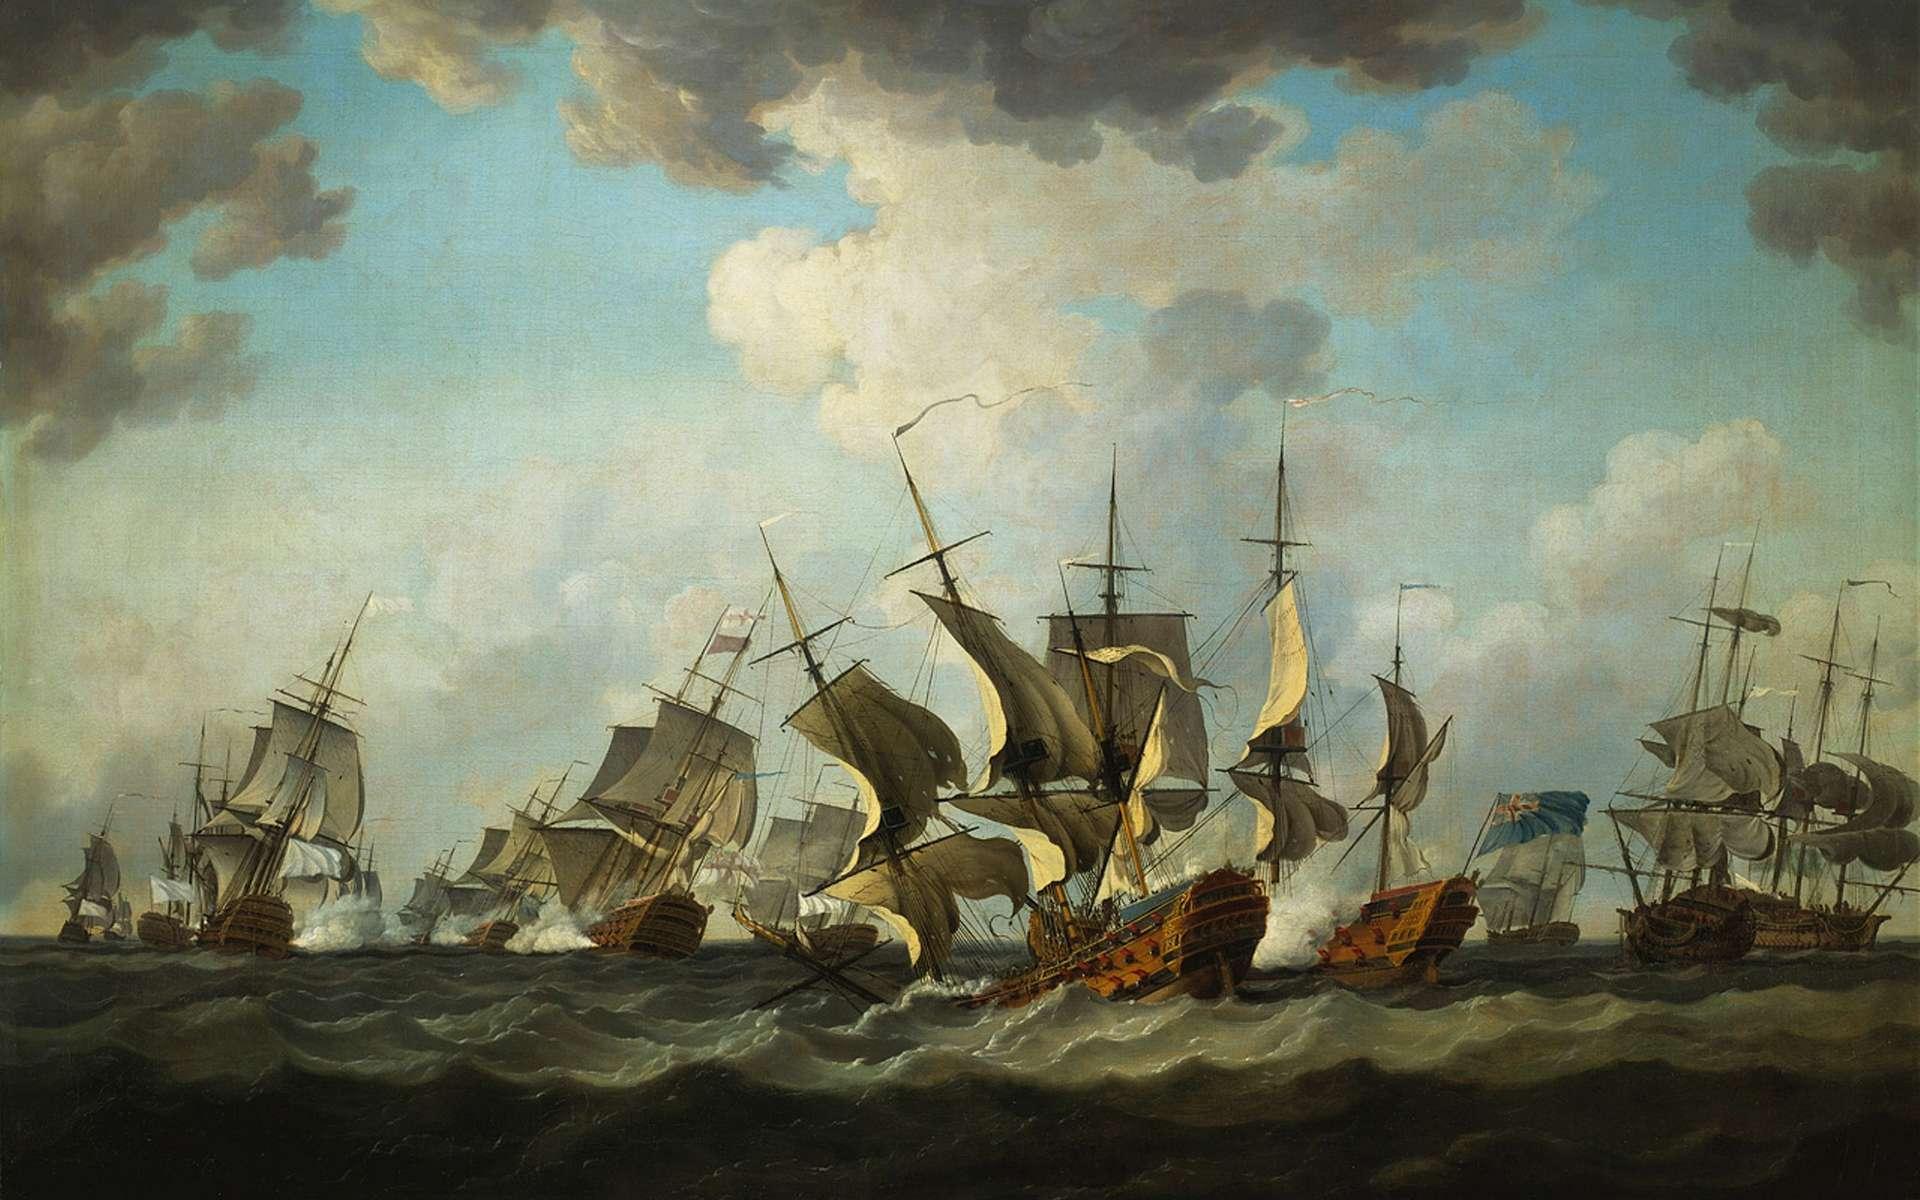 « La bataille des Cardinaux » ou bataille de Quiberon de 1759, entre marines anglaise et française ; au premier plan, le vaisseau français le Thésée est en train de sombrer. Tableau peint par Richard Paton après 1759, National Maritime Museum, Greenwich, Londres. © Wikimedia Commons, domaine public